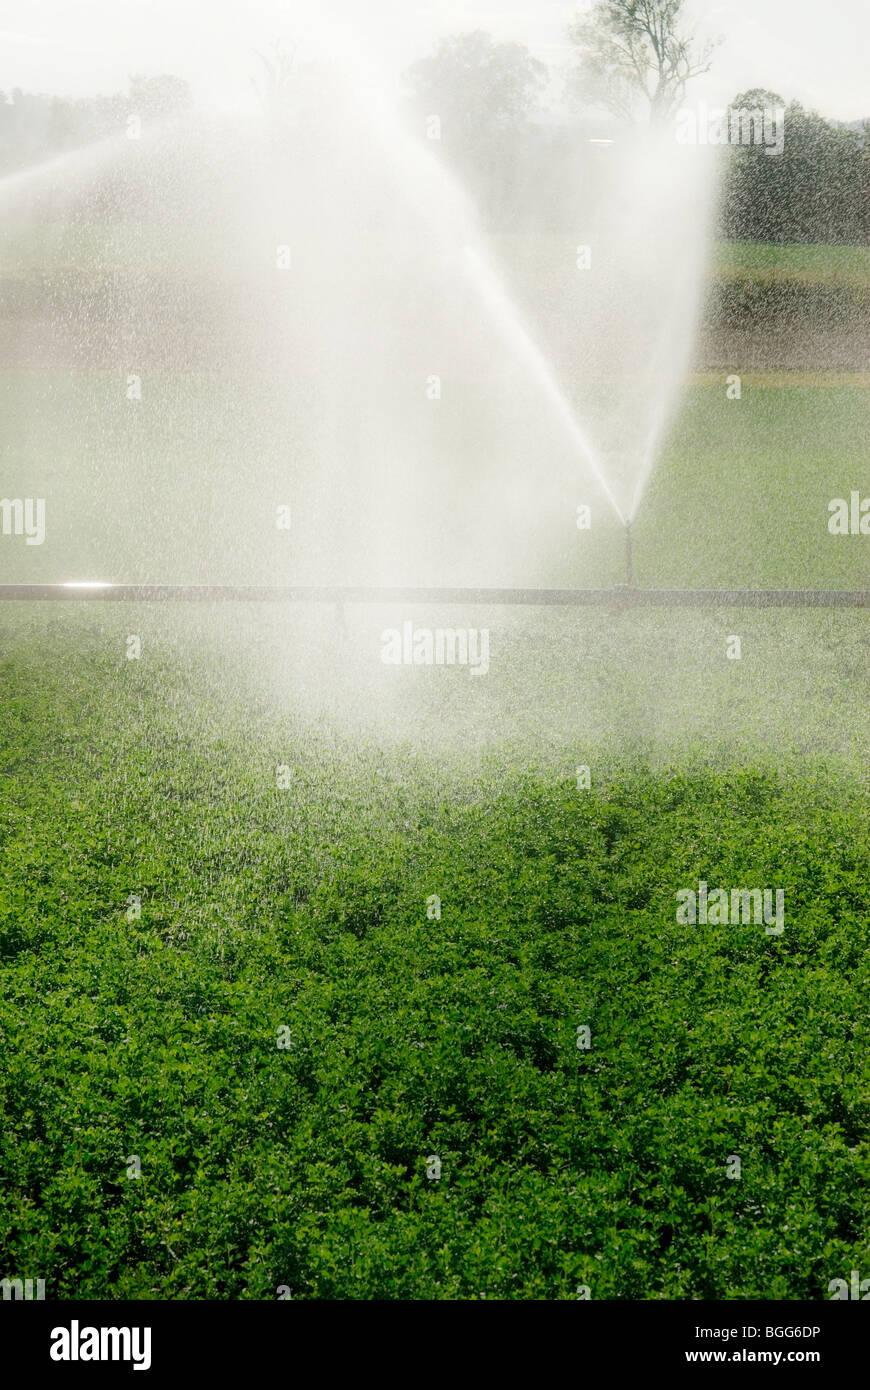 Lucerne récolte étant irriguées dans le Queensland en Australie Photo Stock